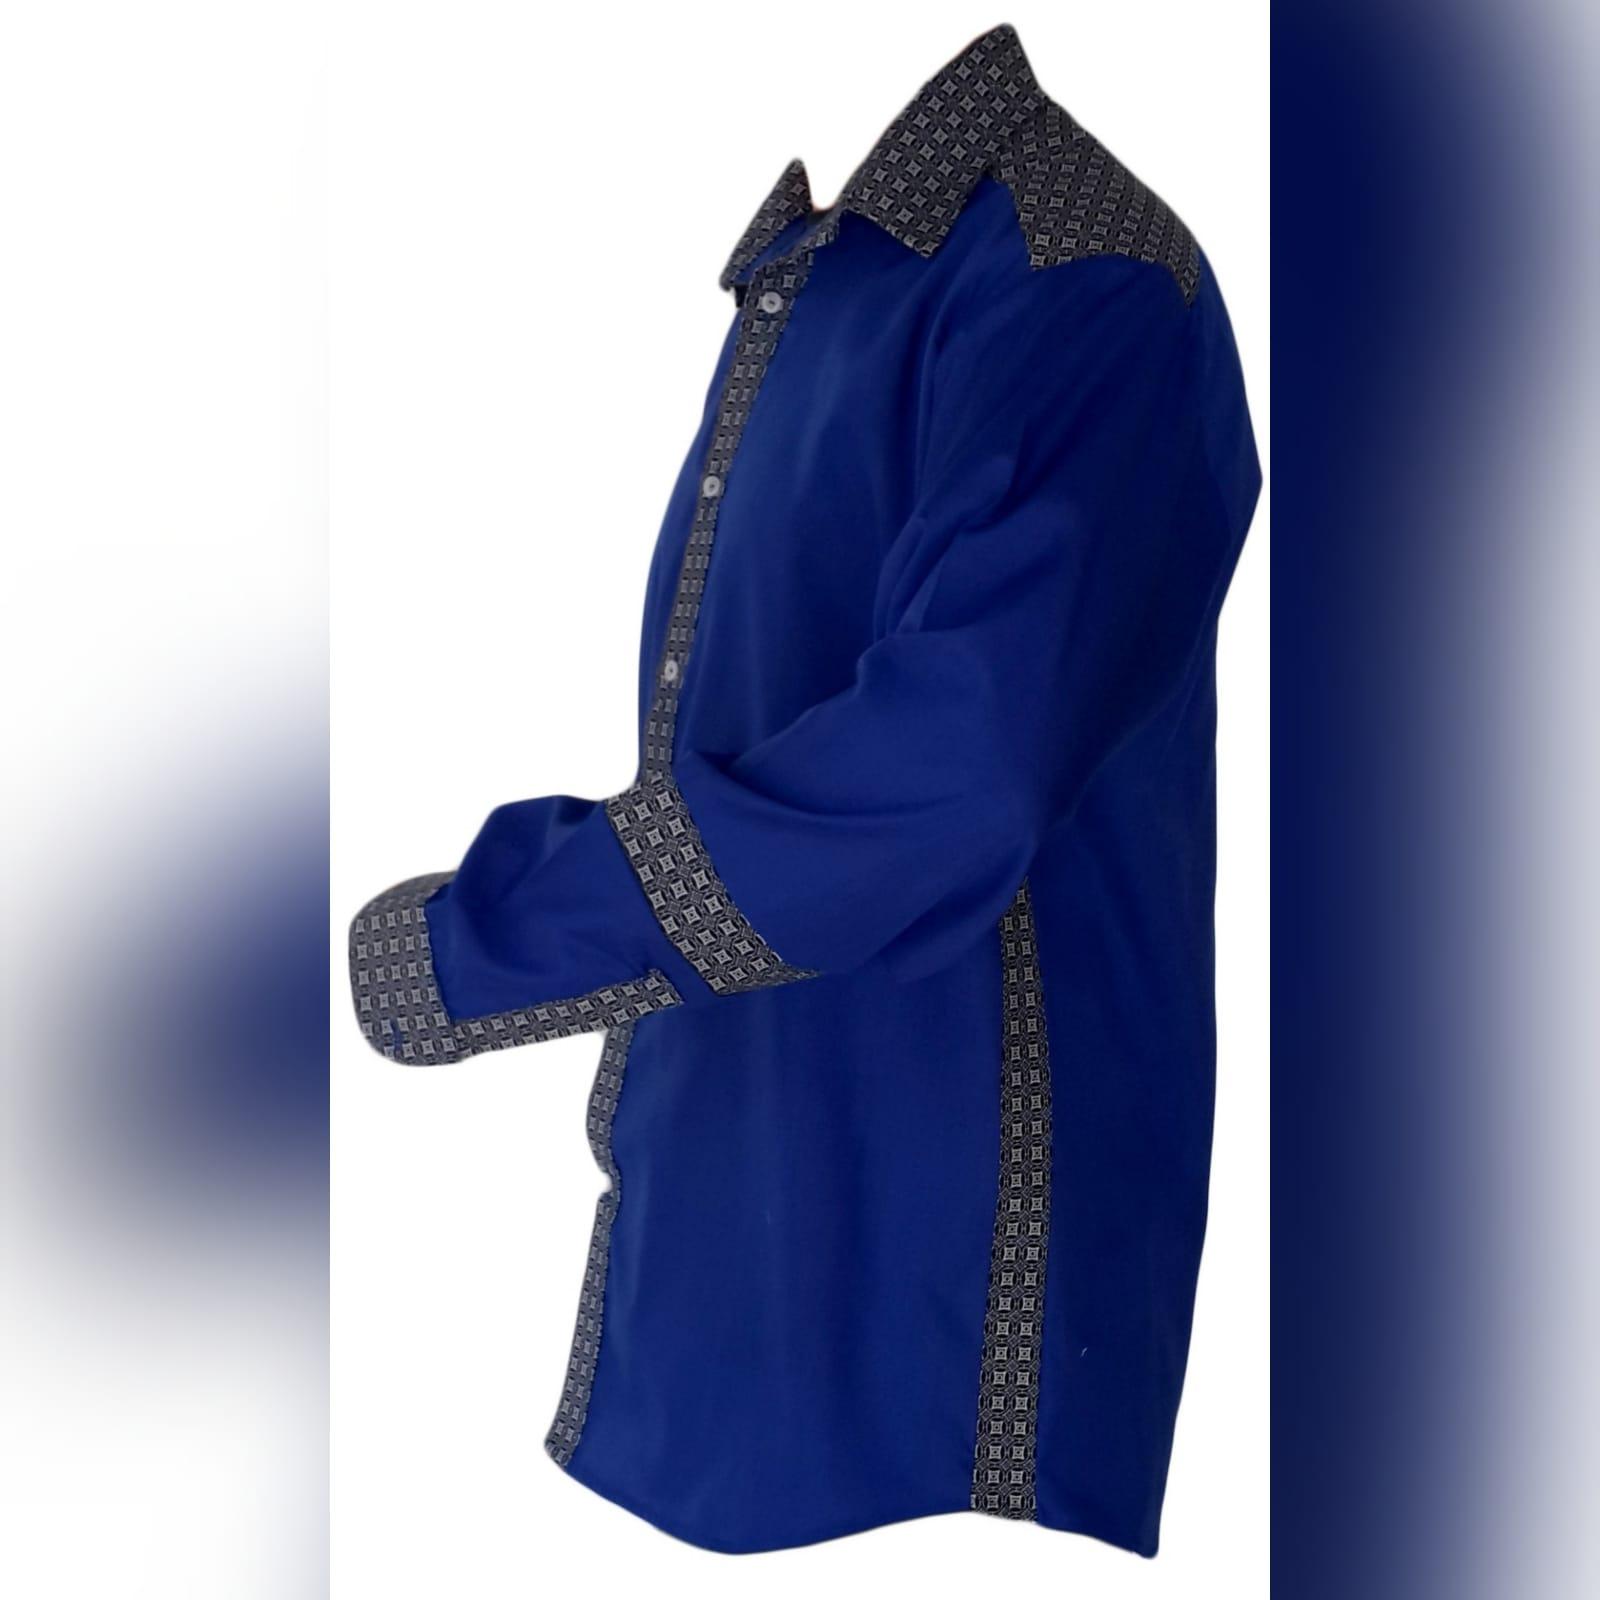 Camisa de homem tradicional com tecido africano 1 camisa de homem tradicional com detalhes de tecido africano shweshwe. Shweshwe foi usado nos punhos, gola, faixa de botões e parte superior das costas e shweshwe detalhando no antebraço.